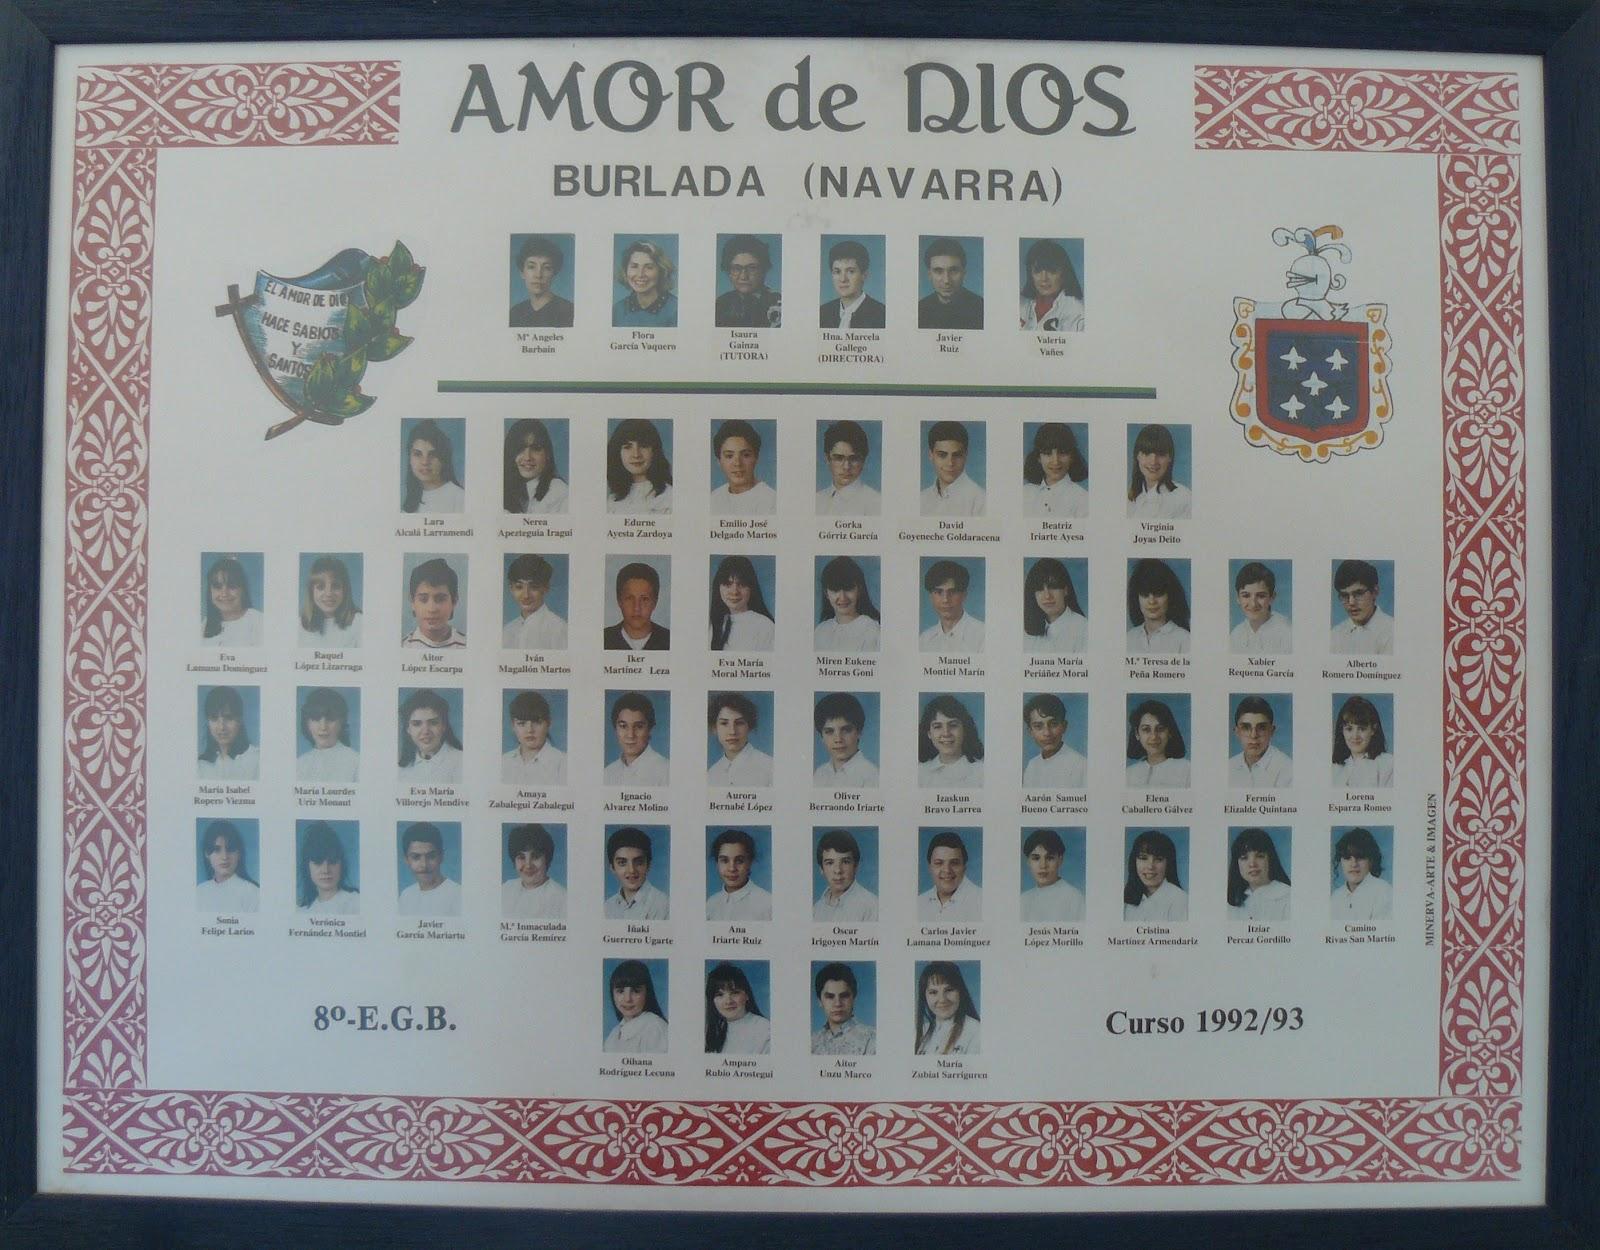 Colegio amor de dios burlada exalumnos - Colegio amor de dios oviedo ...